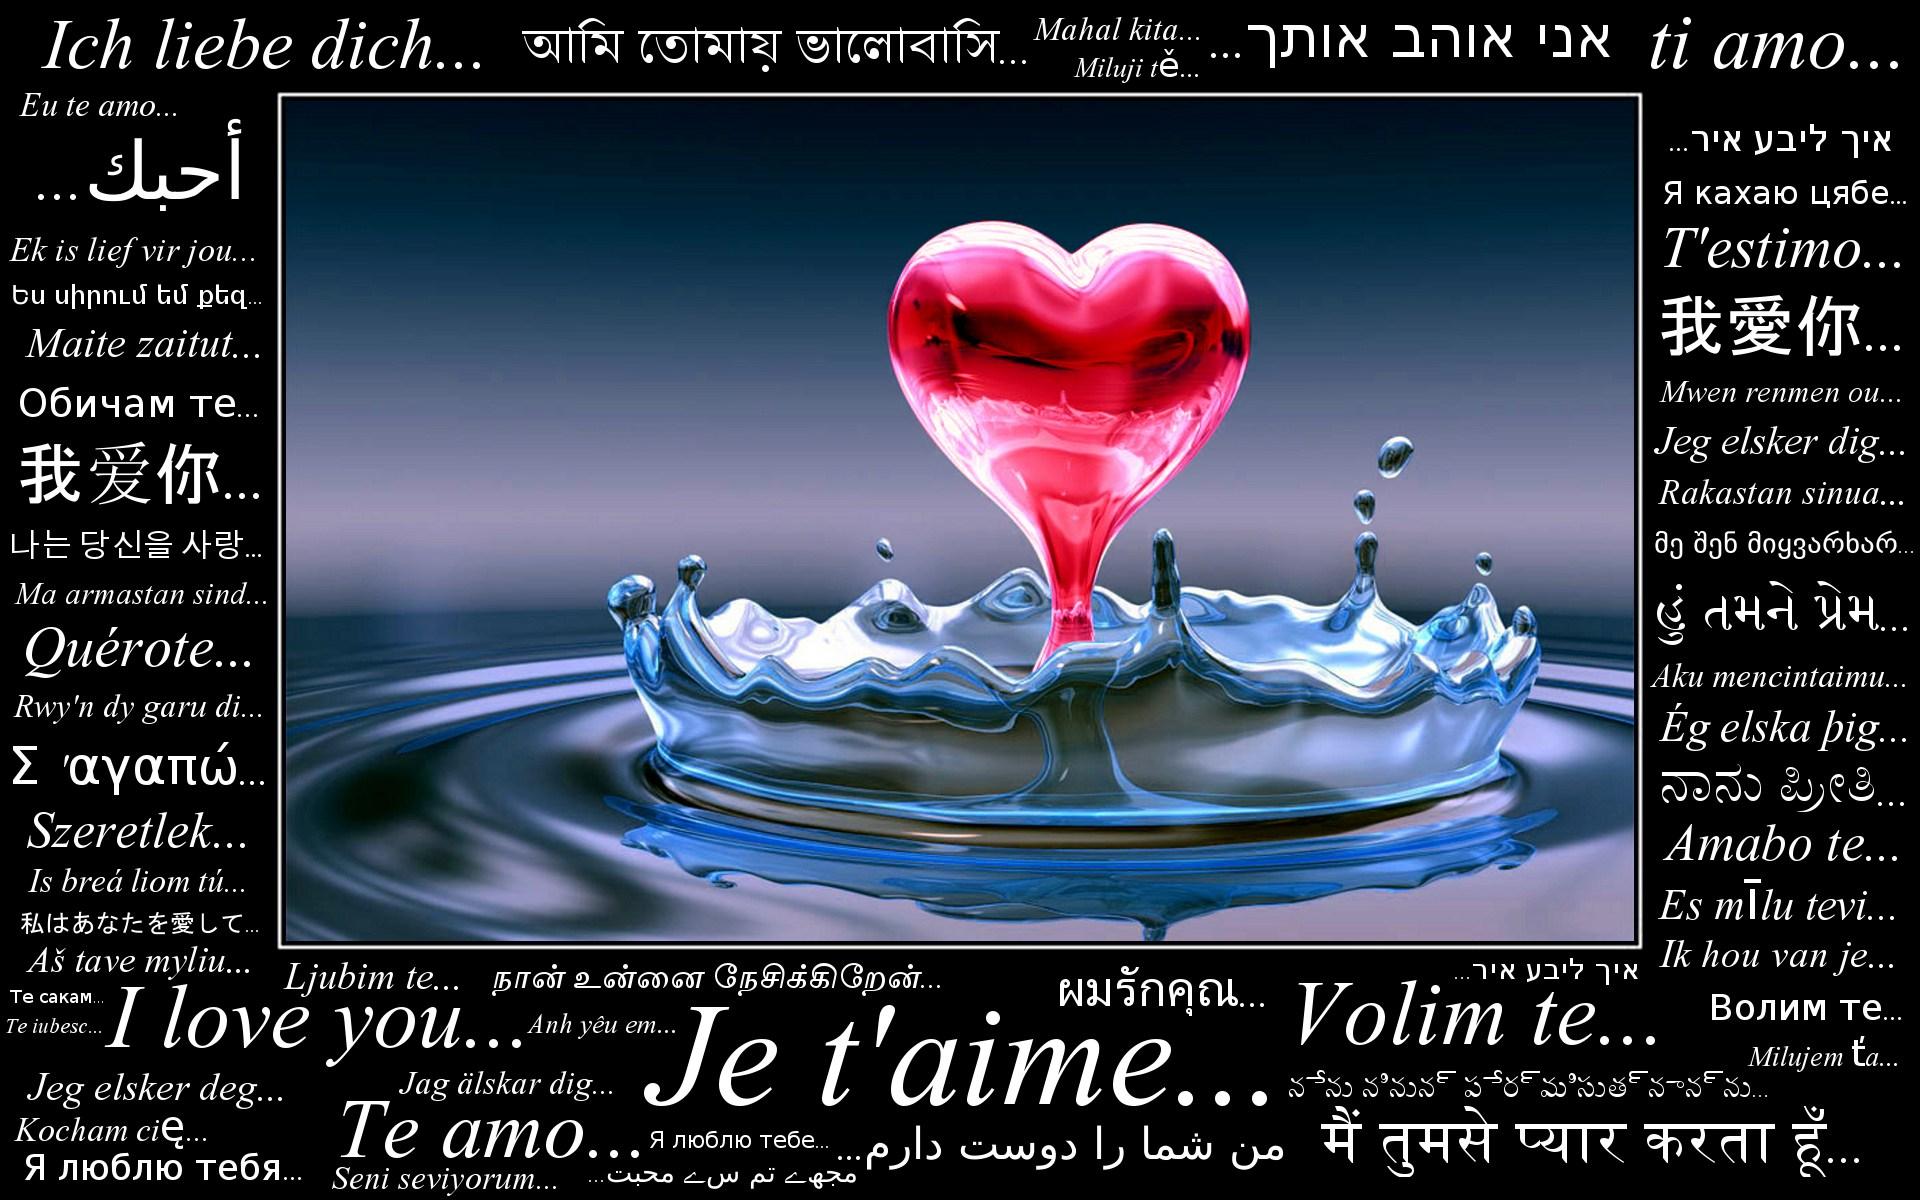 Wallpaper I Love You More : T?l?charger fonds d ?cran i love you gratuitement